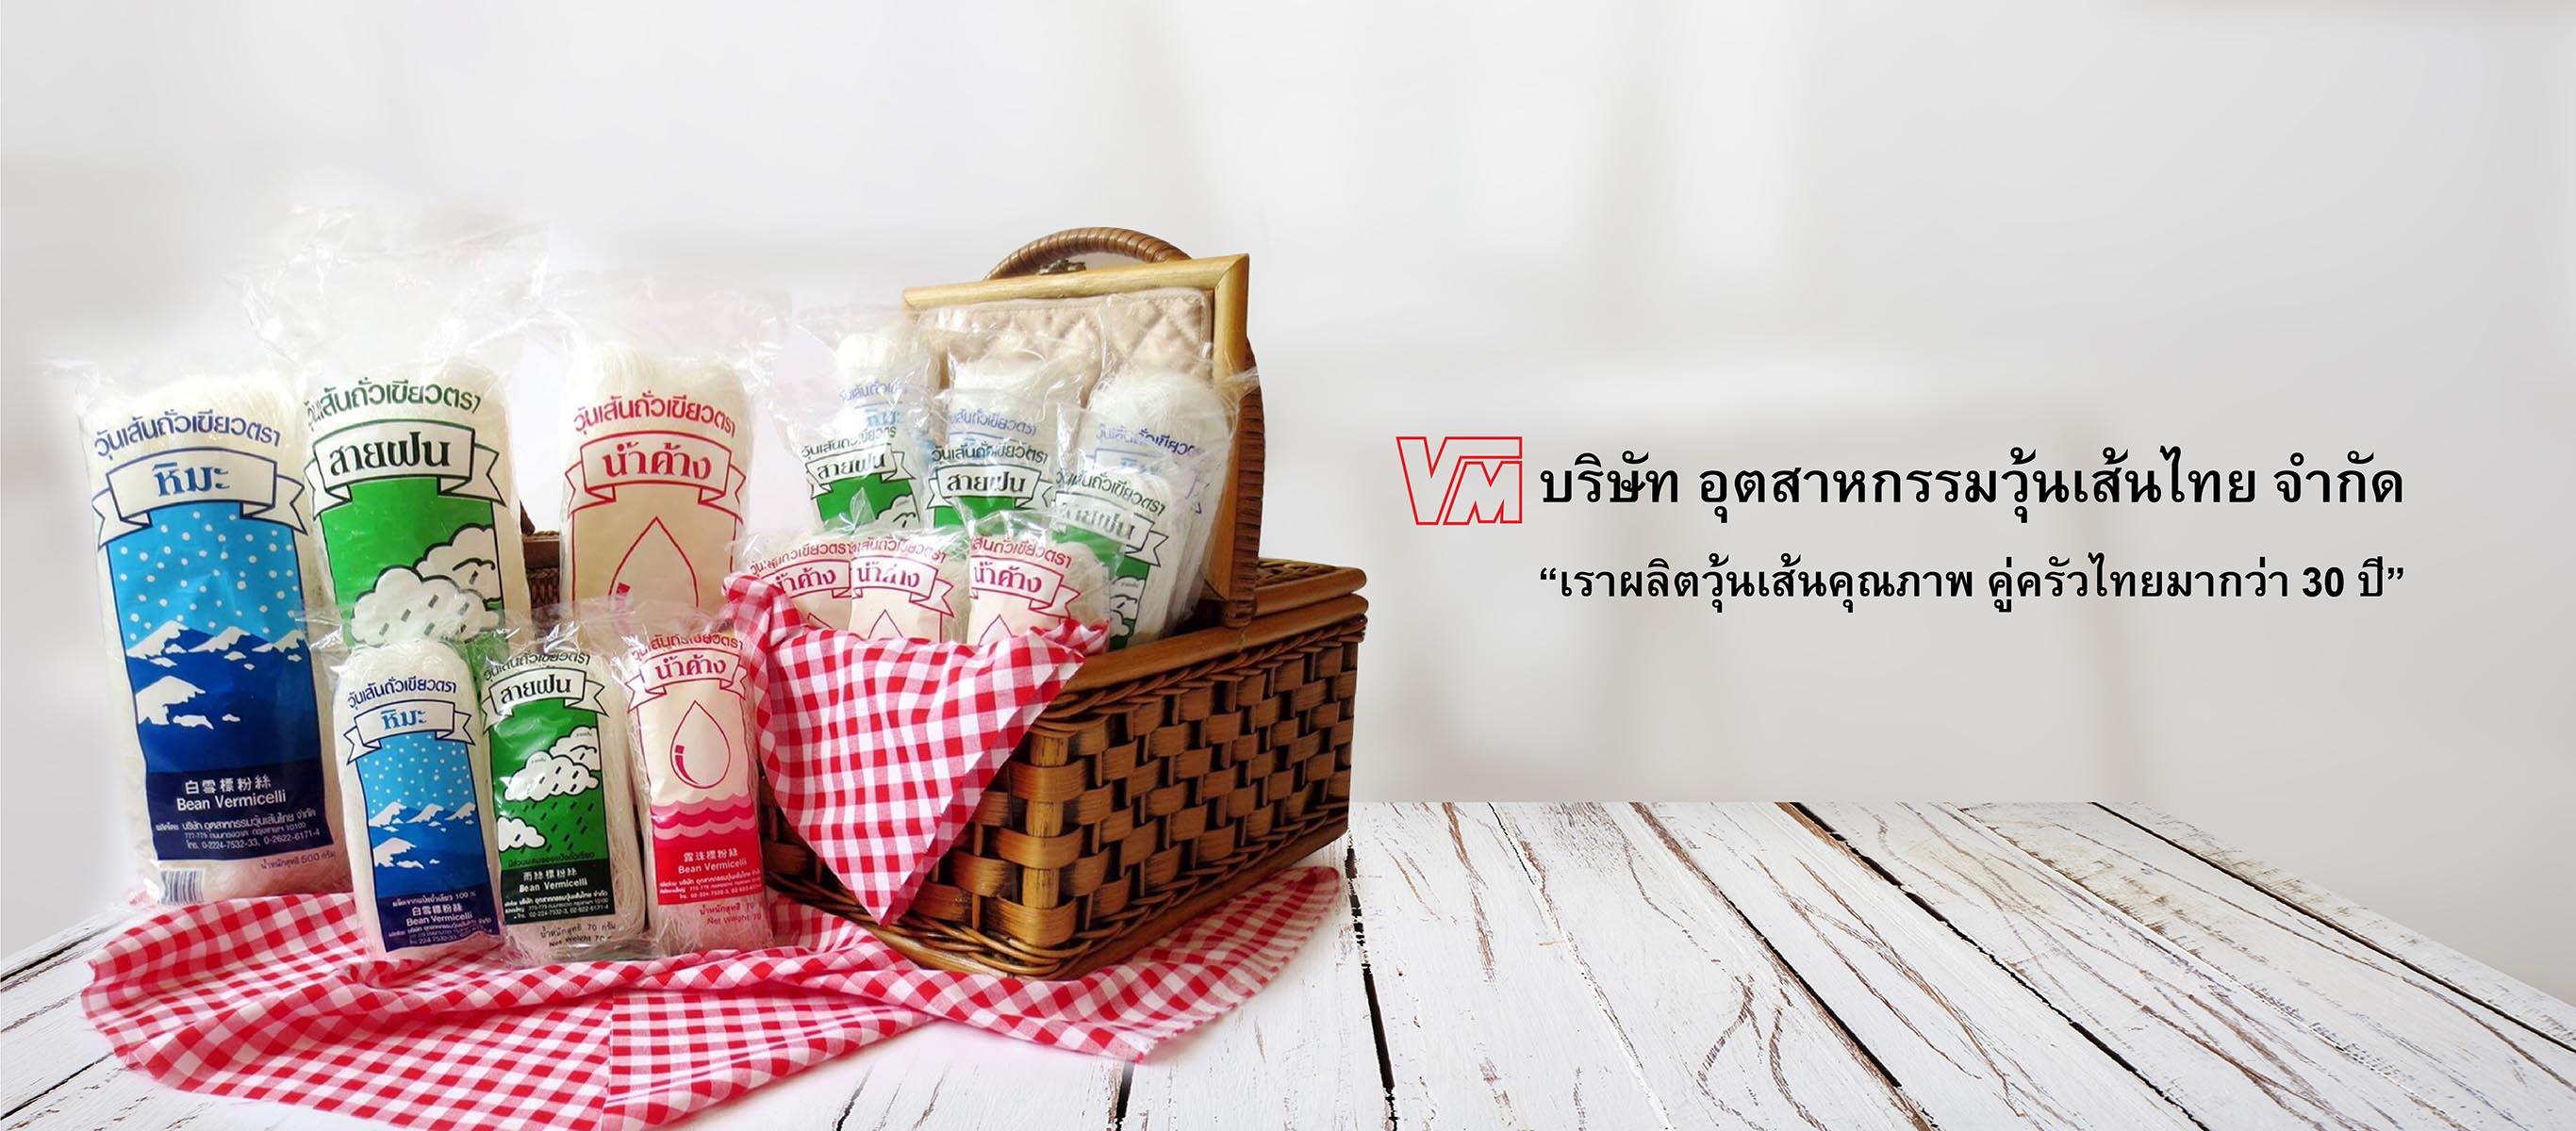 อุตสาหกรรมวุ้นเส้นไทย